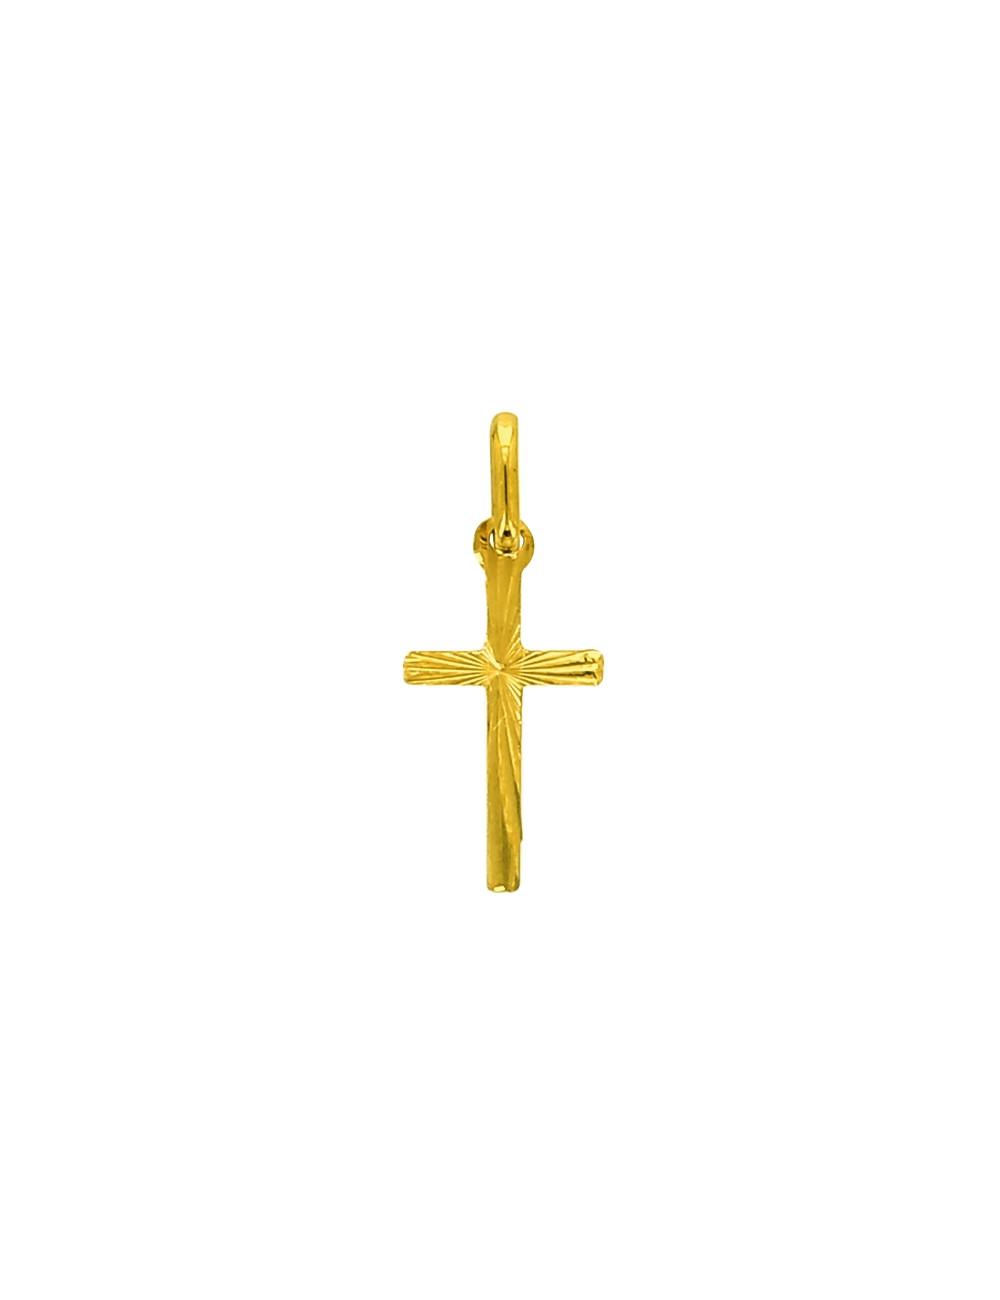 Pendentif Croix Christ Or Jaune 18 Carats + Chaine Or Jaune OFFERTE